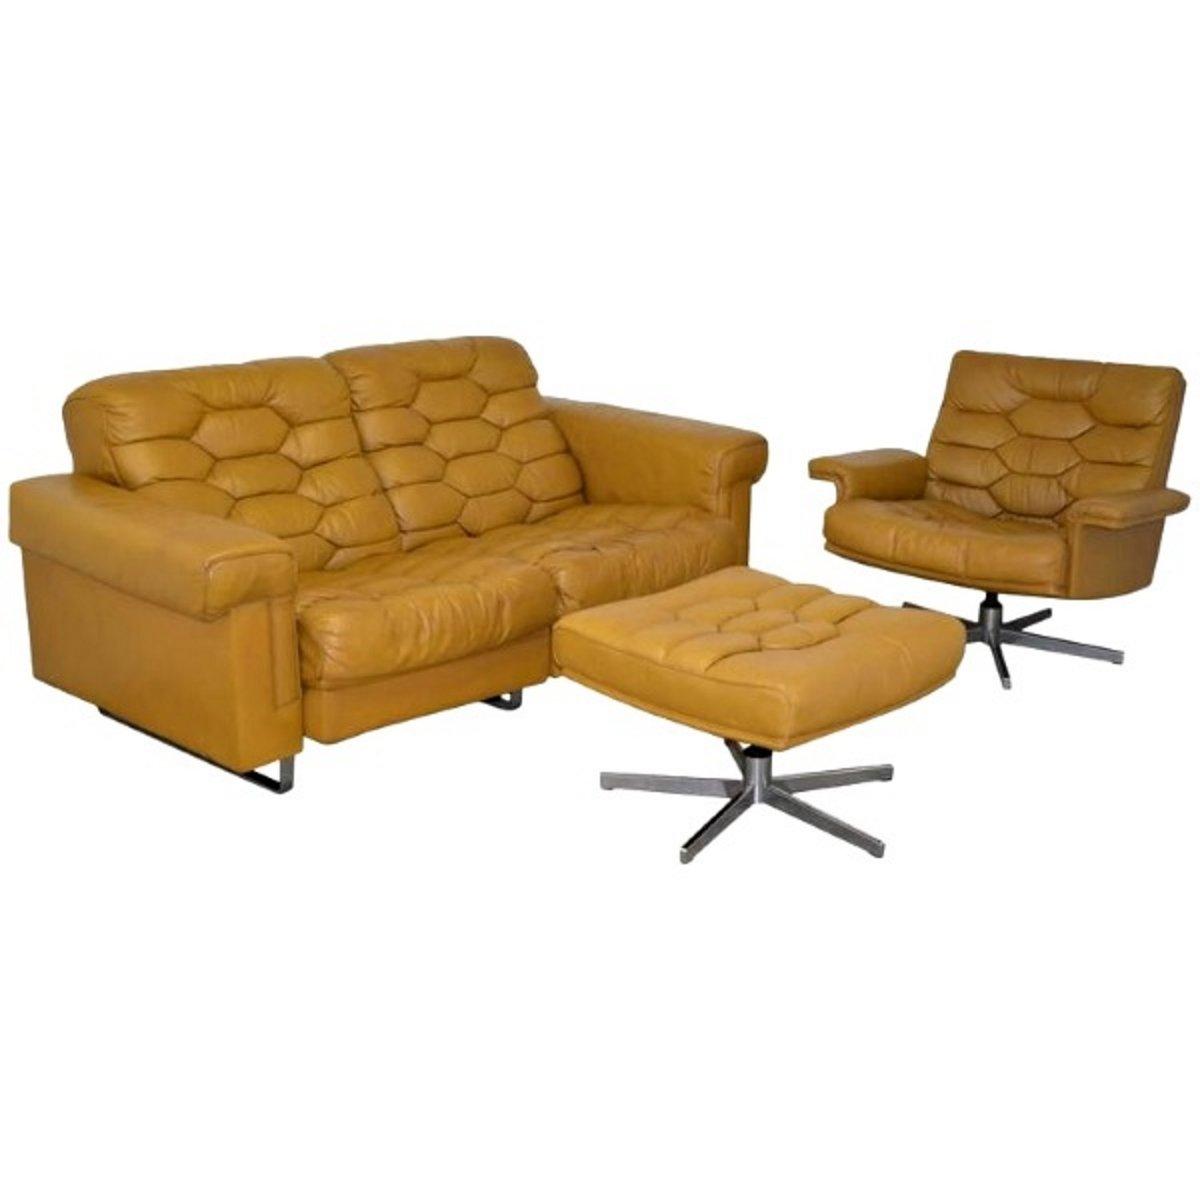 Vintage DS-P Zwei-Sitzer Sofa Set aus Cognacfarbenem Leder von de Sede...